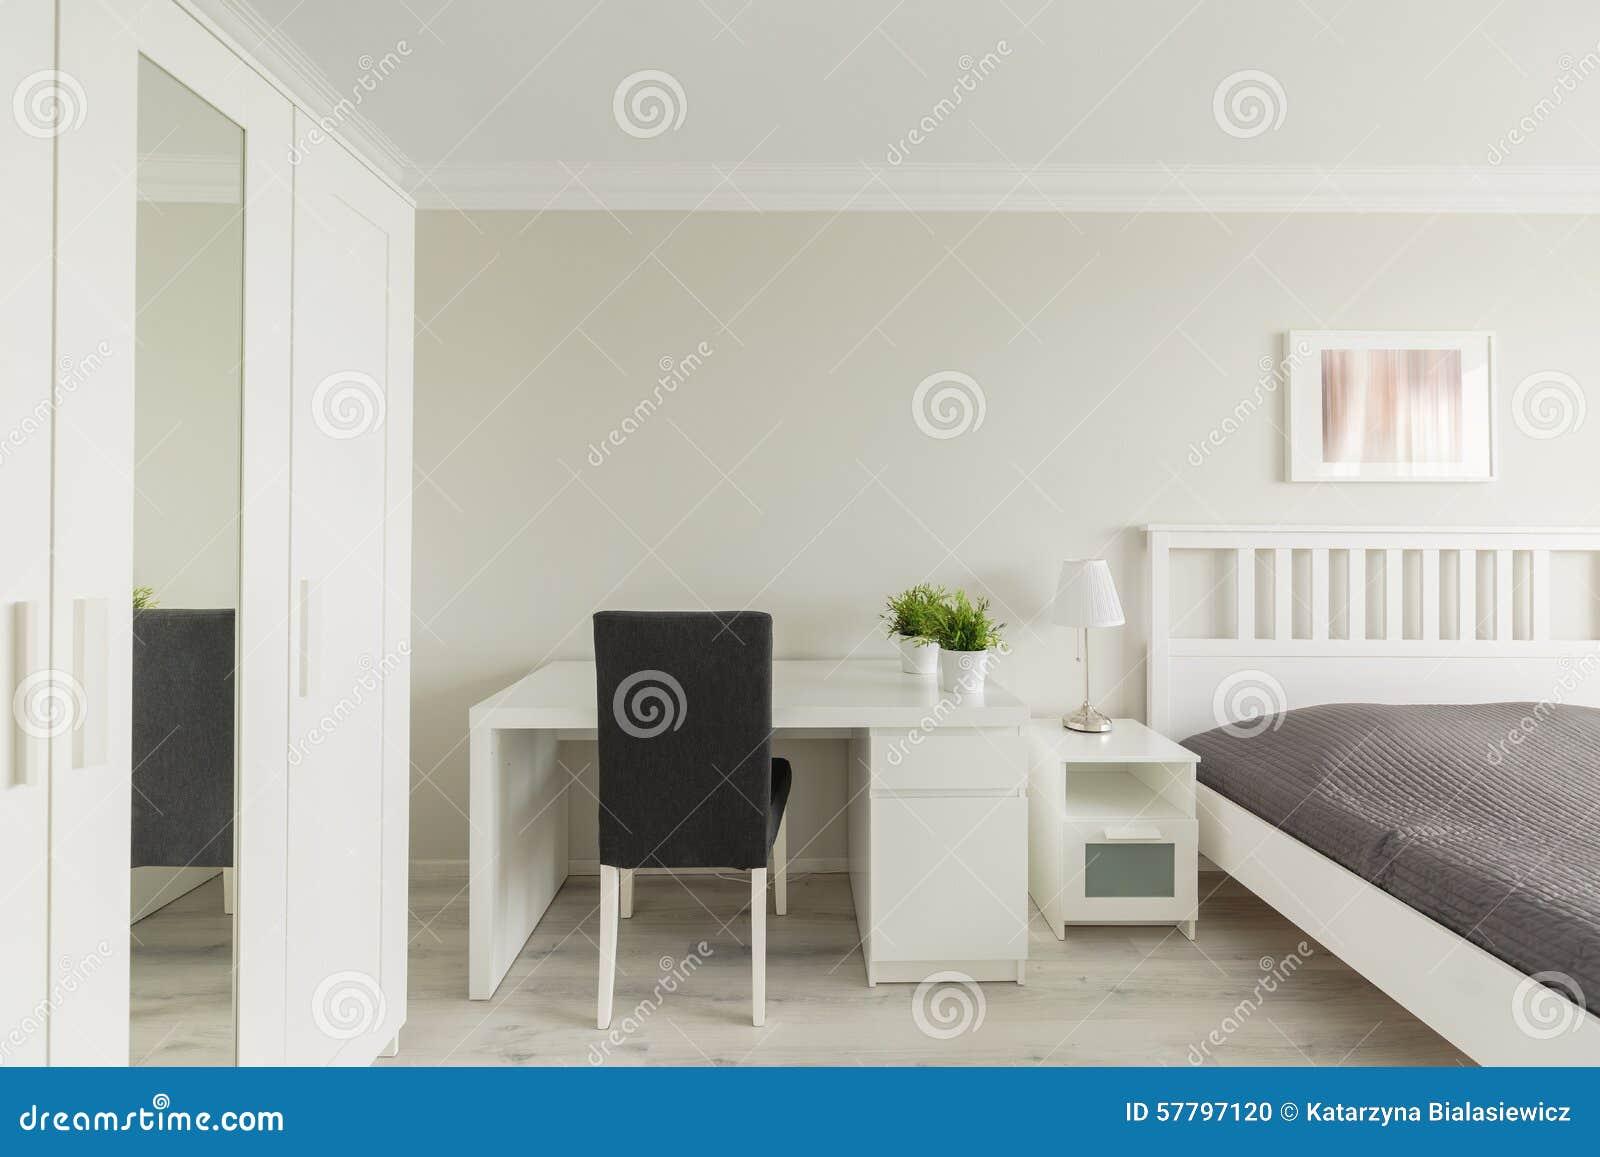 Camera da letto con area di studio fotografia stock - Angolo studio in camera da letto ...